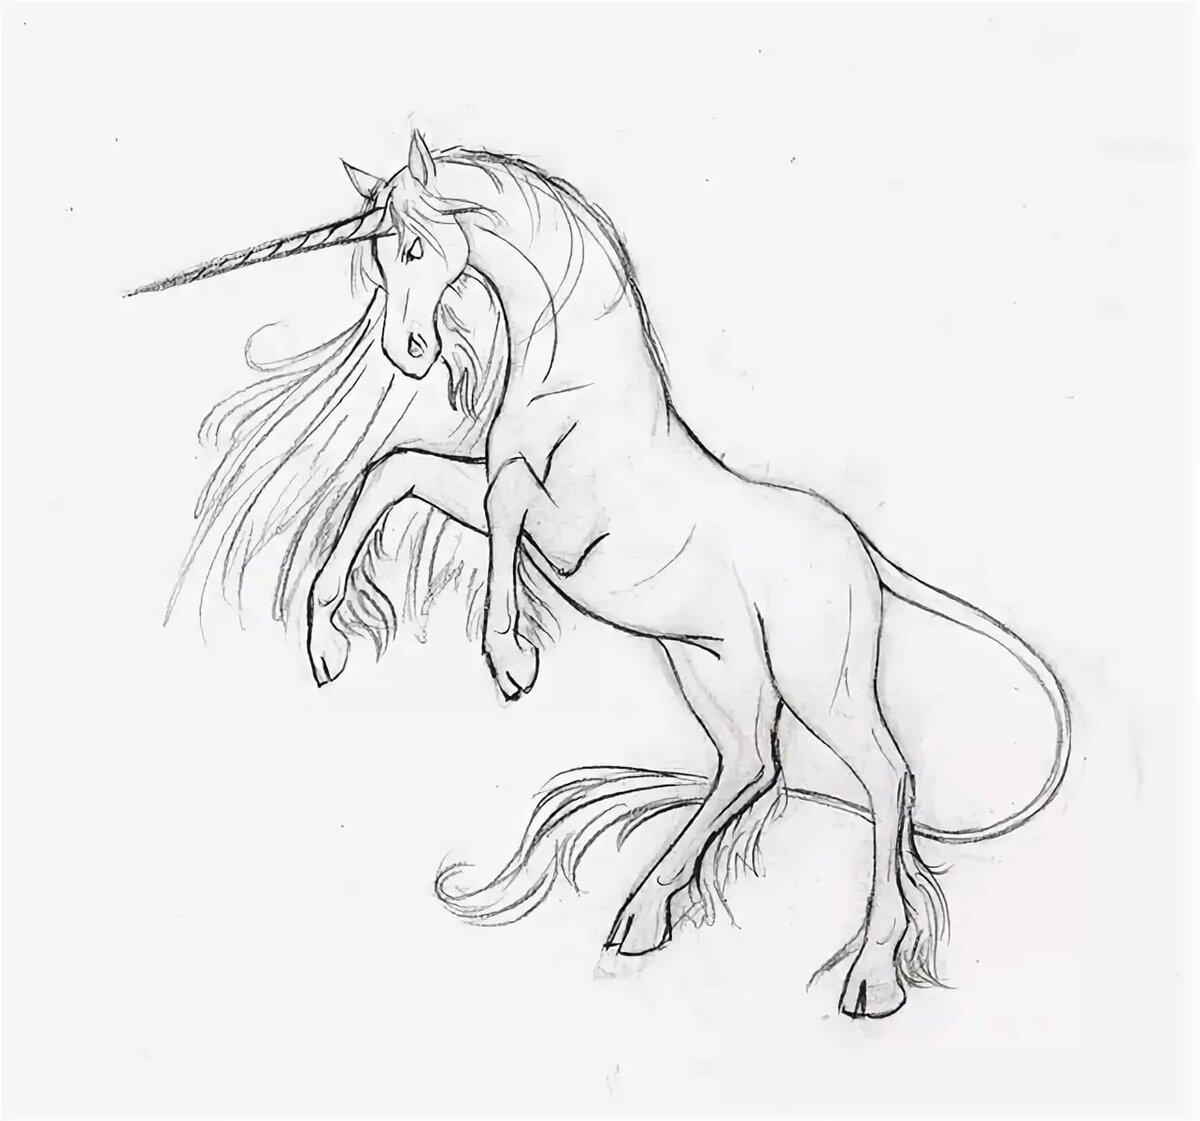 него попали красивые рисунки единорогов карандашом легко четырёх лет